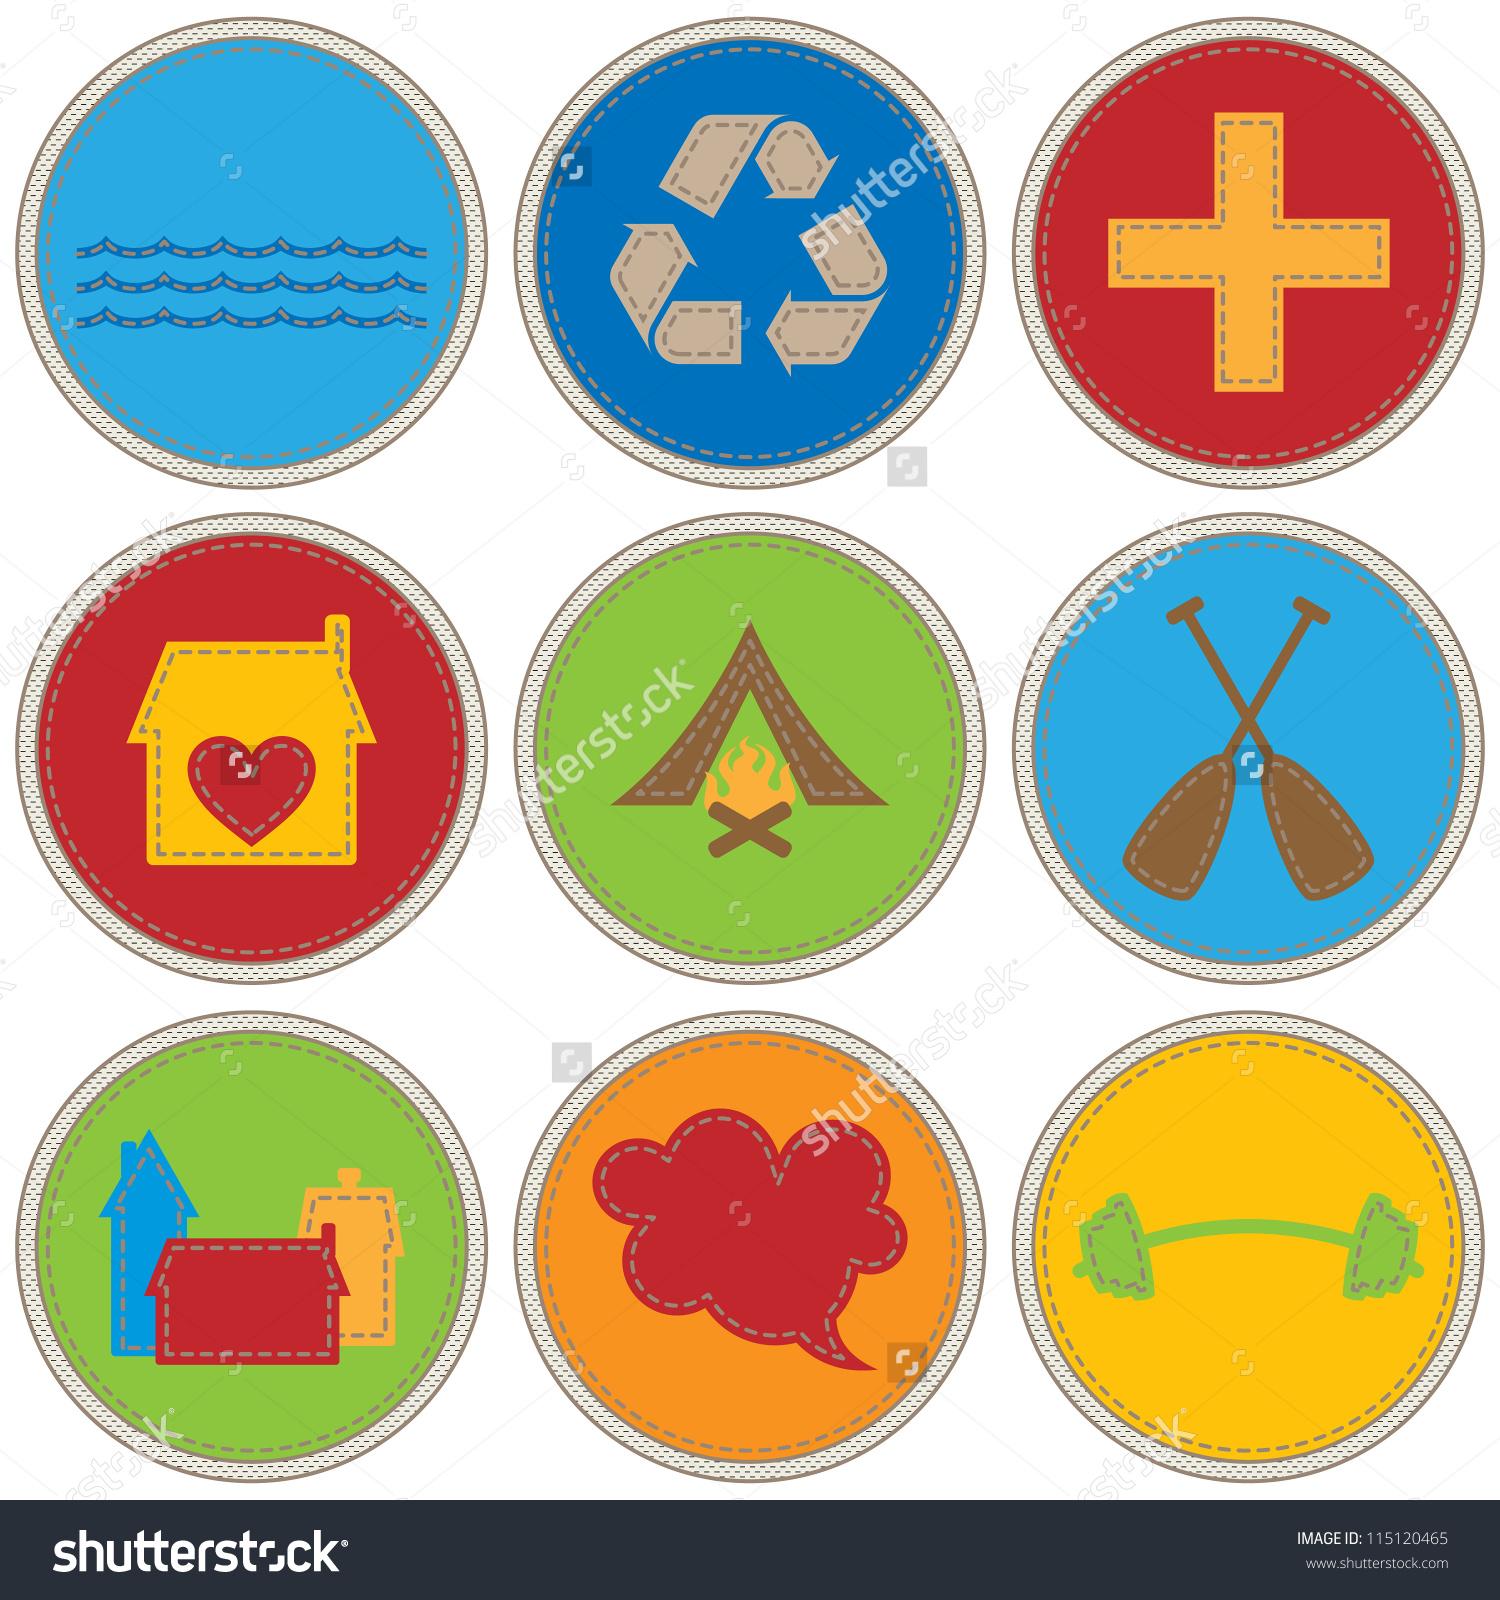 Boy scout merit badges clipart.